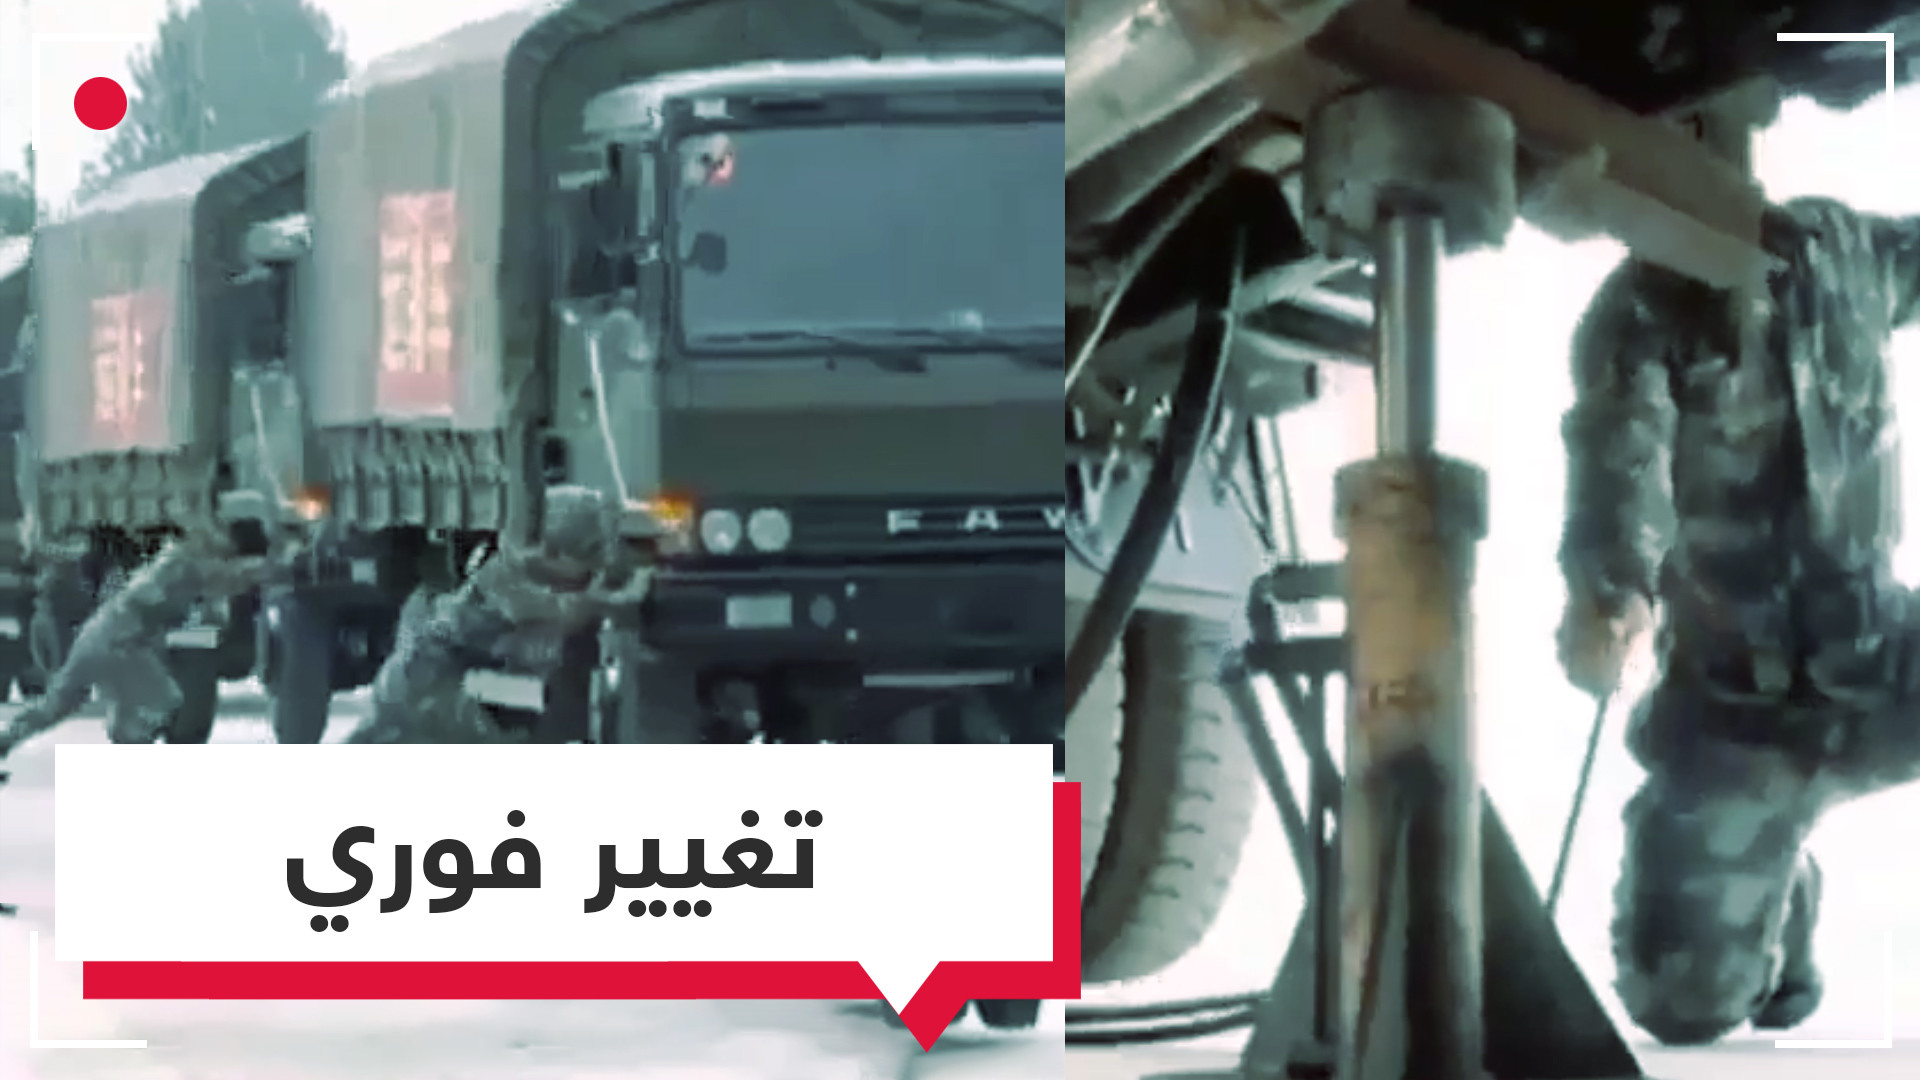 عربات عسكرية صينية تستخدم طريقة مذهلة لتغيير اتجاهها في ثوانٍ!